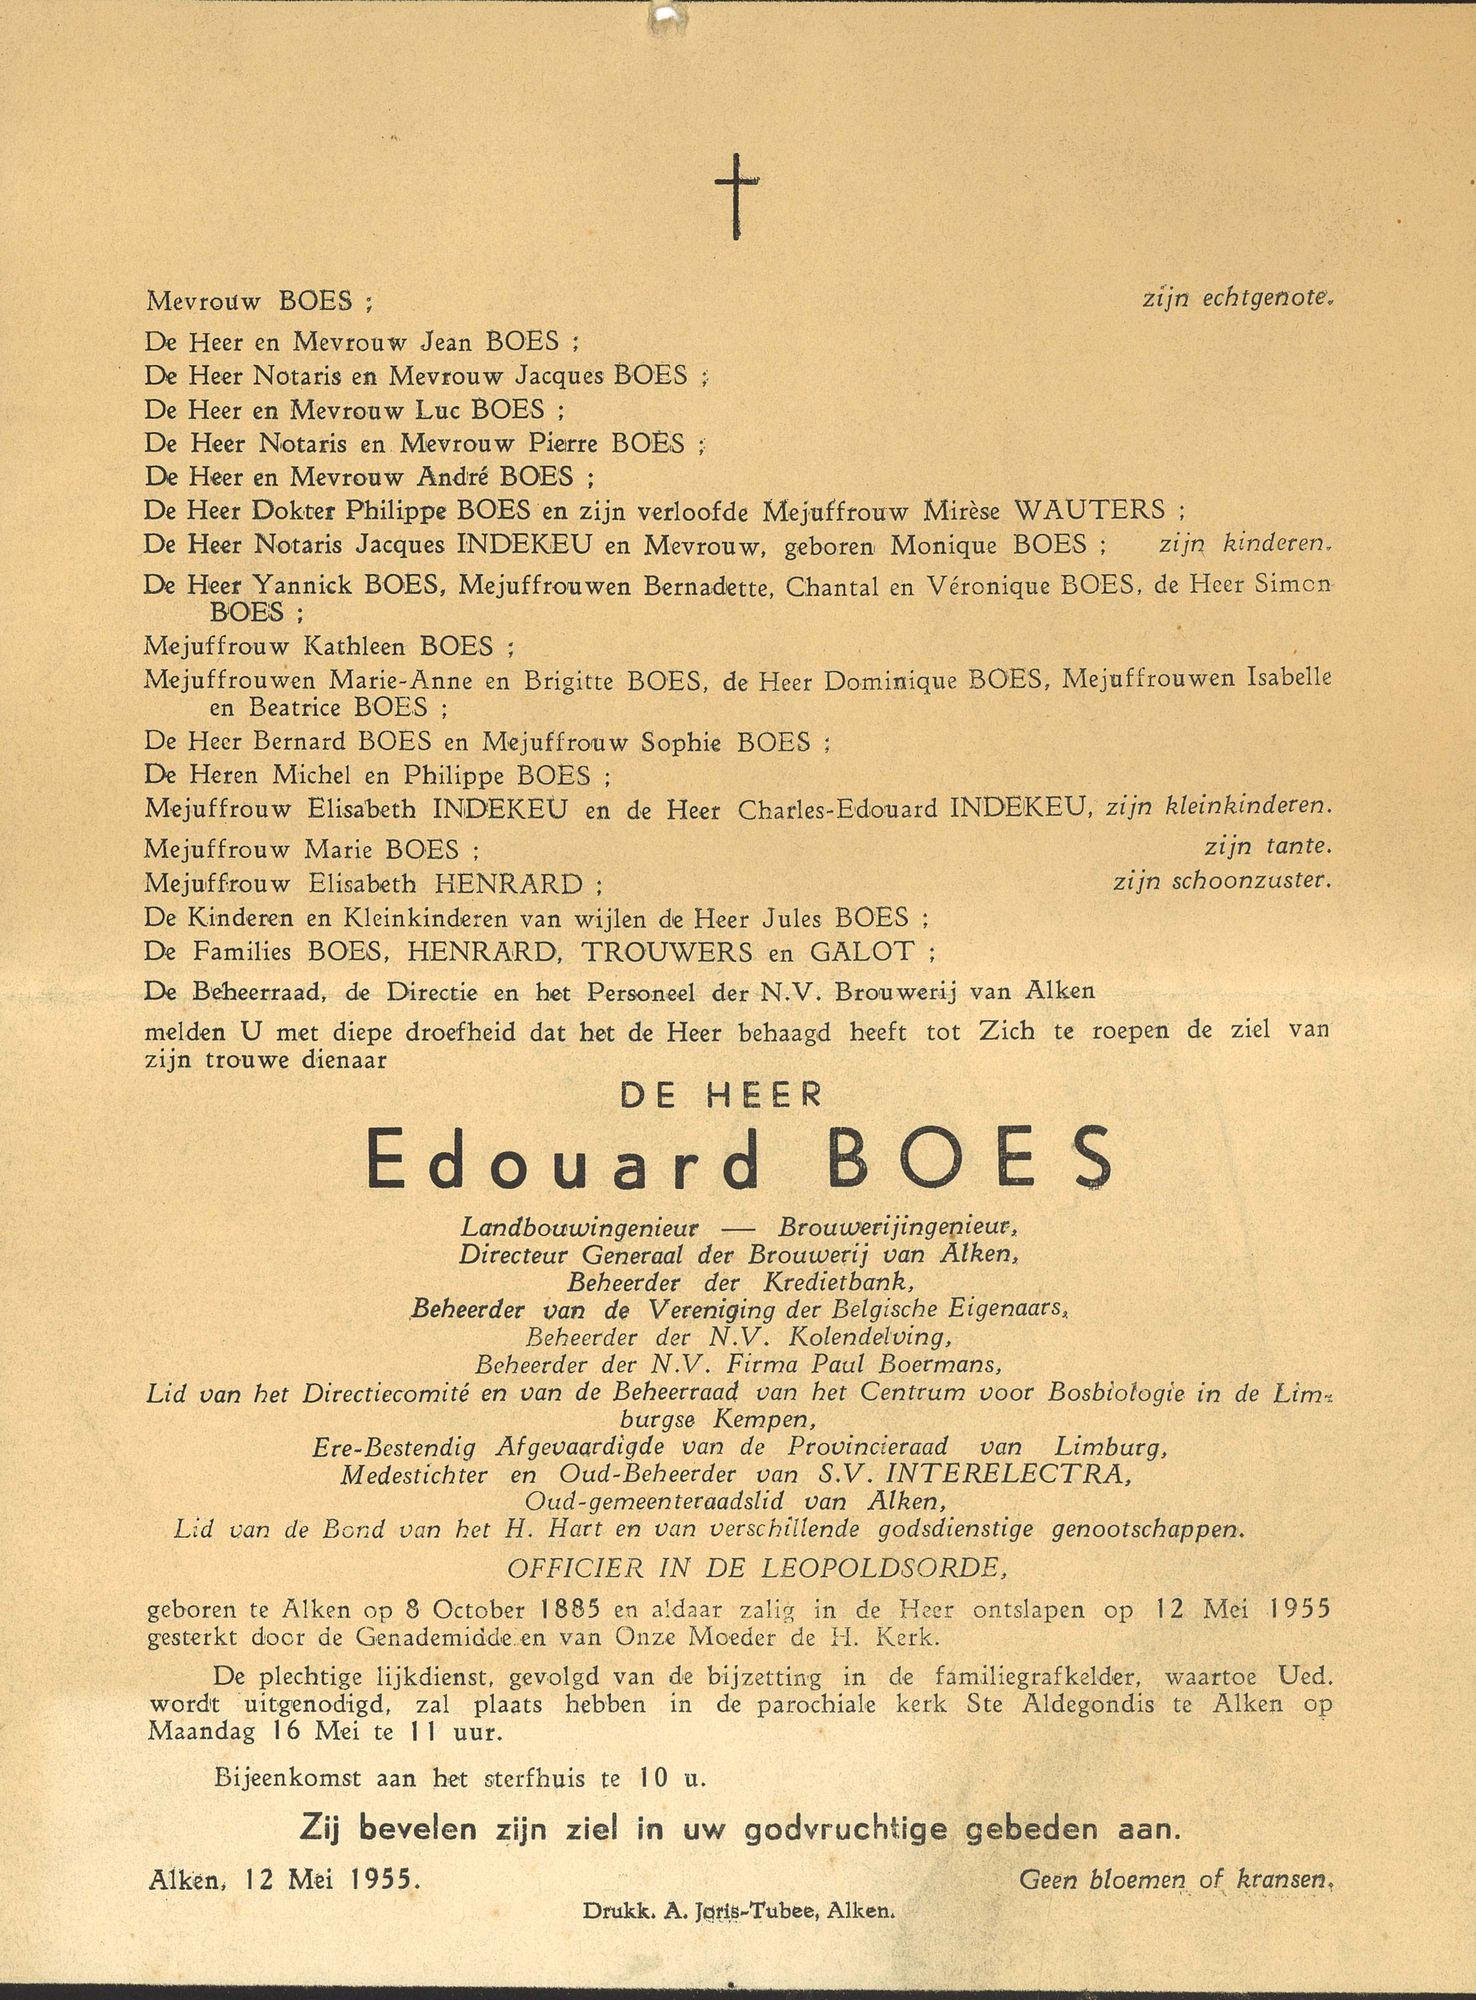 Edouard Boes